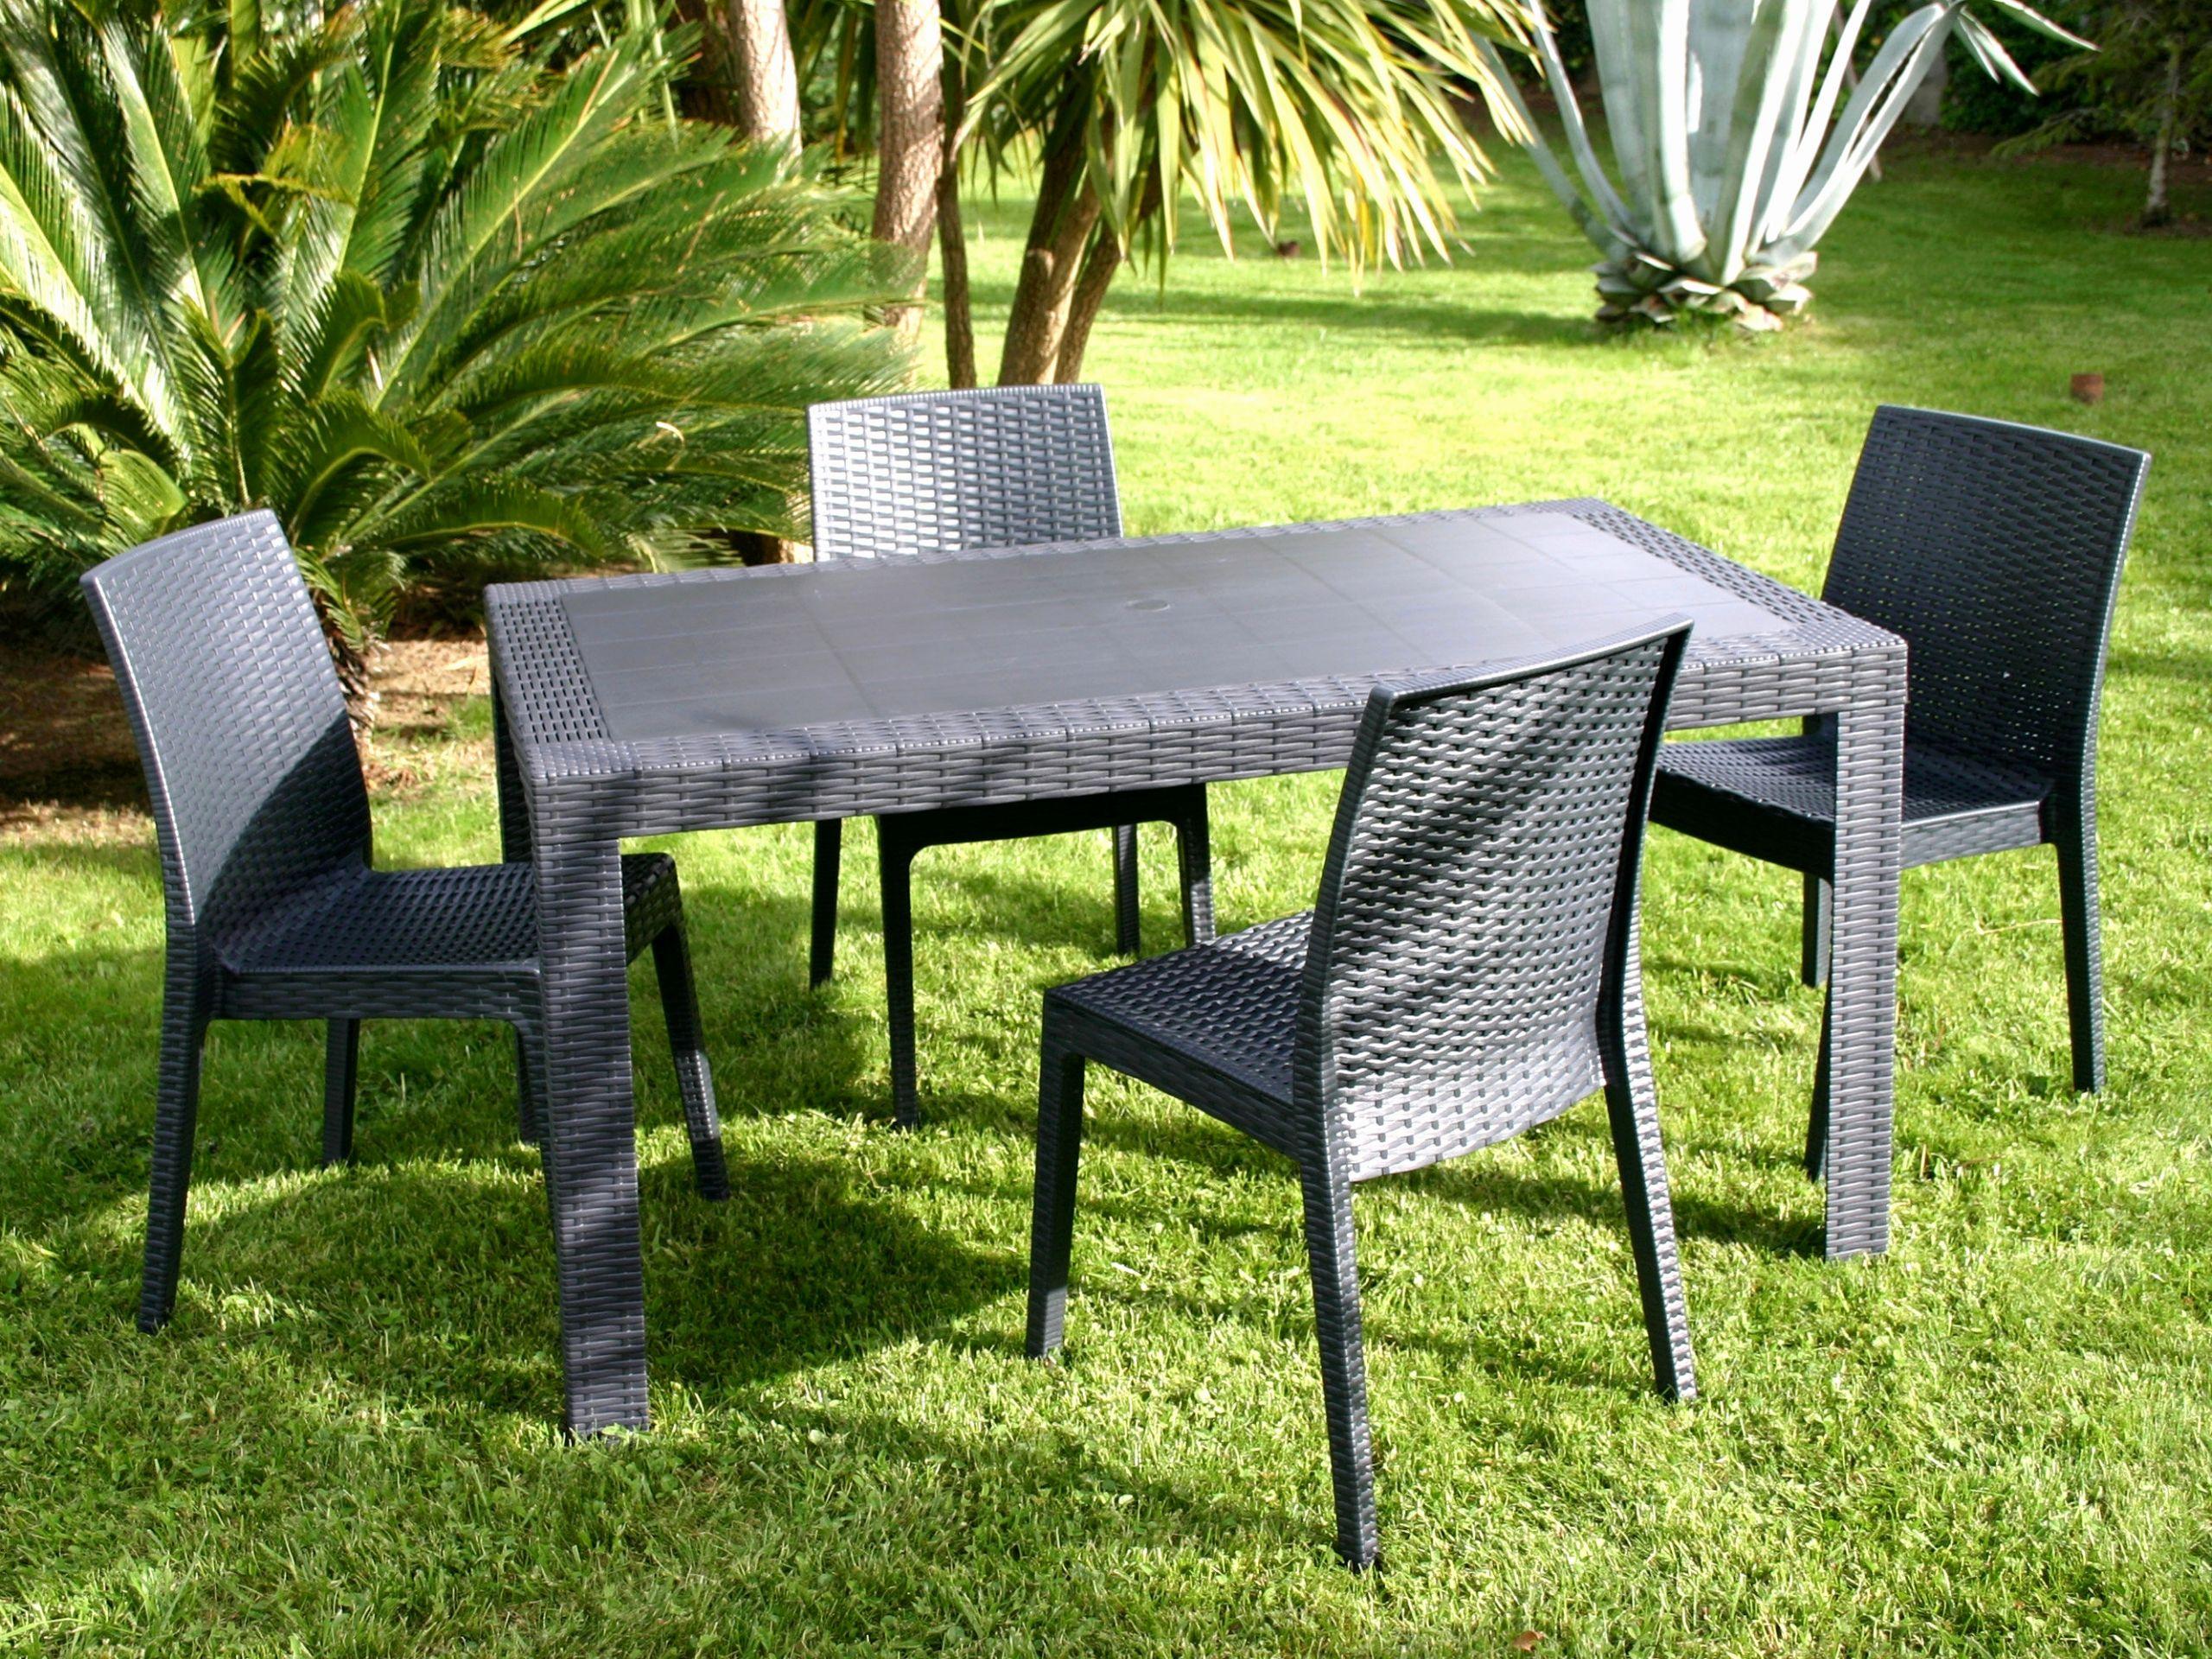 Table Exterieur Carrefour Best Of Catalogue Carrefour Abris ... destiné Transat Jardin Carrefour